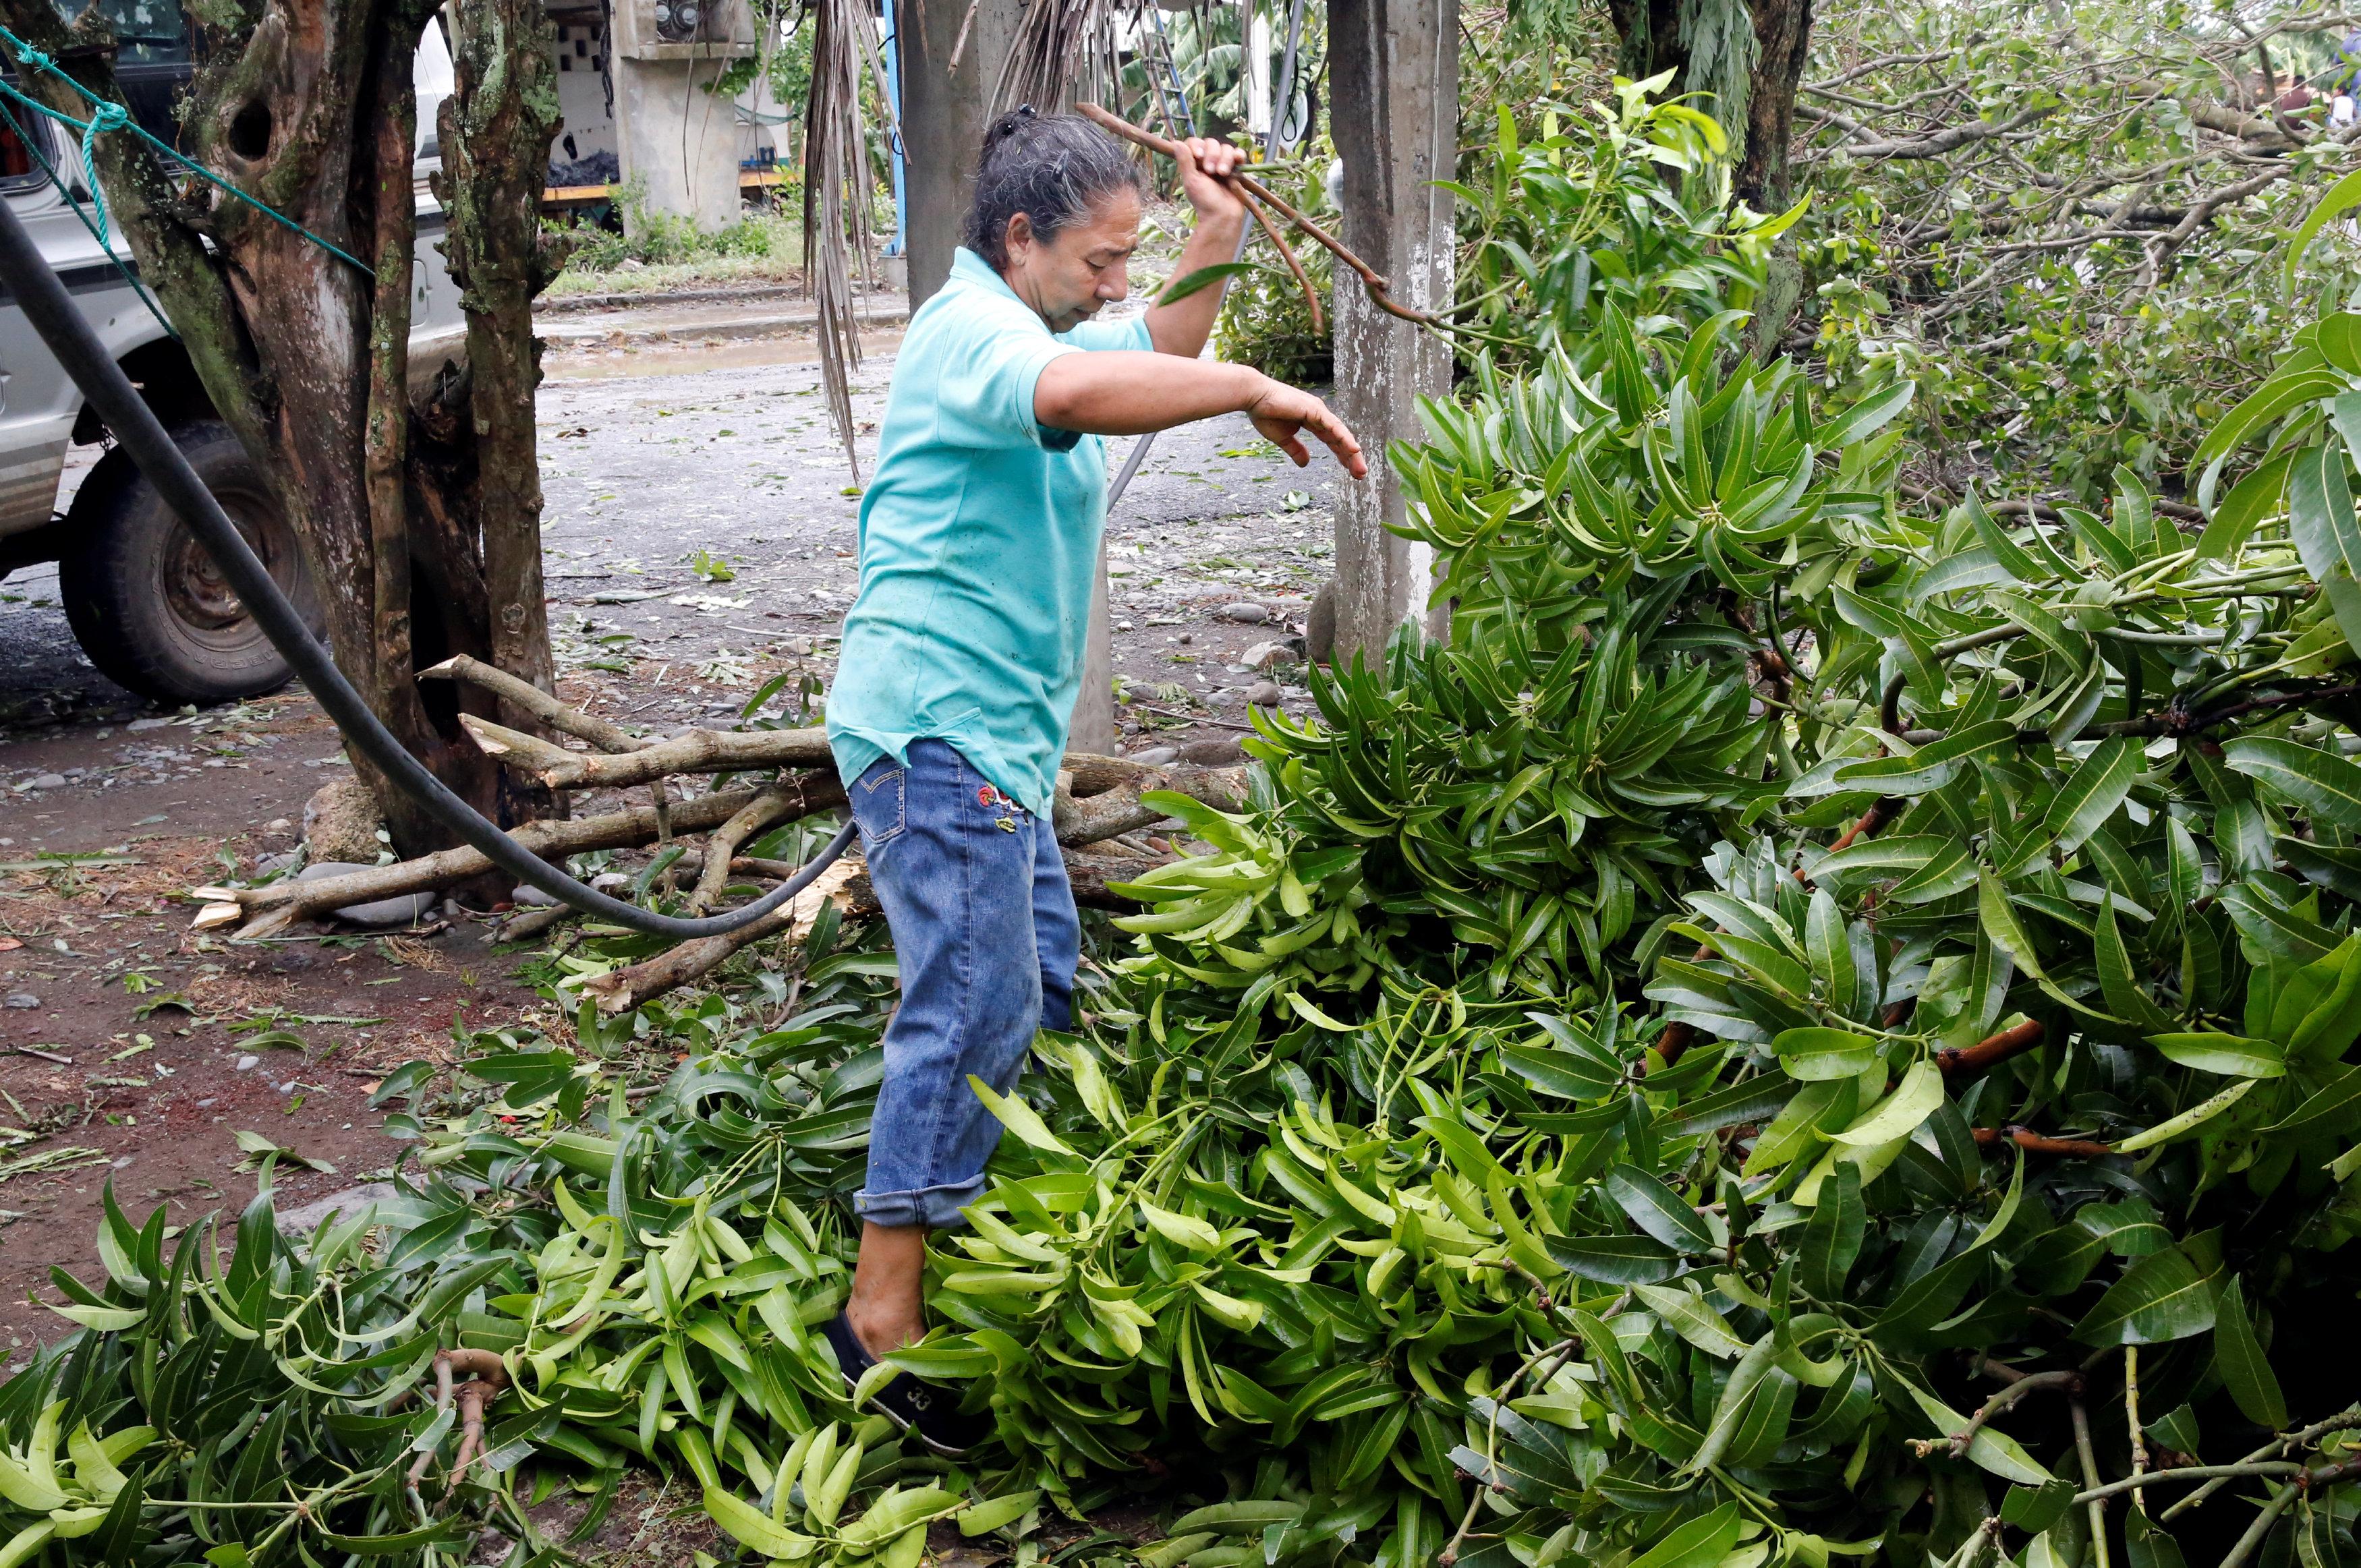 امرأة قرب شجرة سقطت بسبب الإعصار